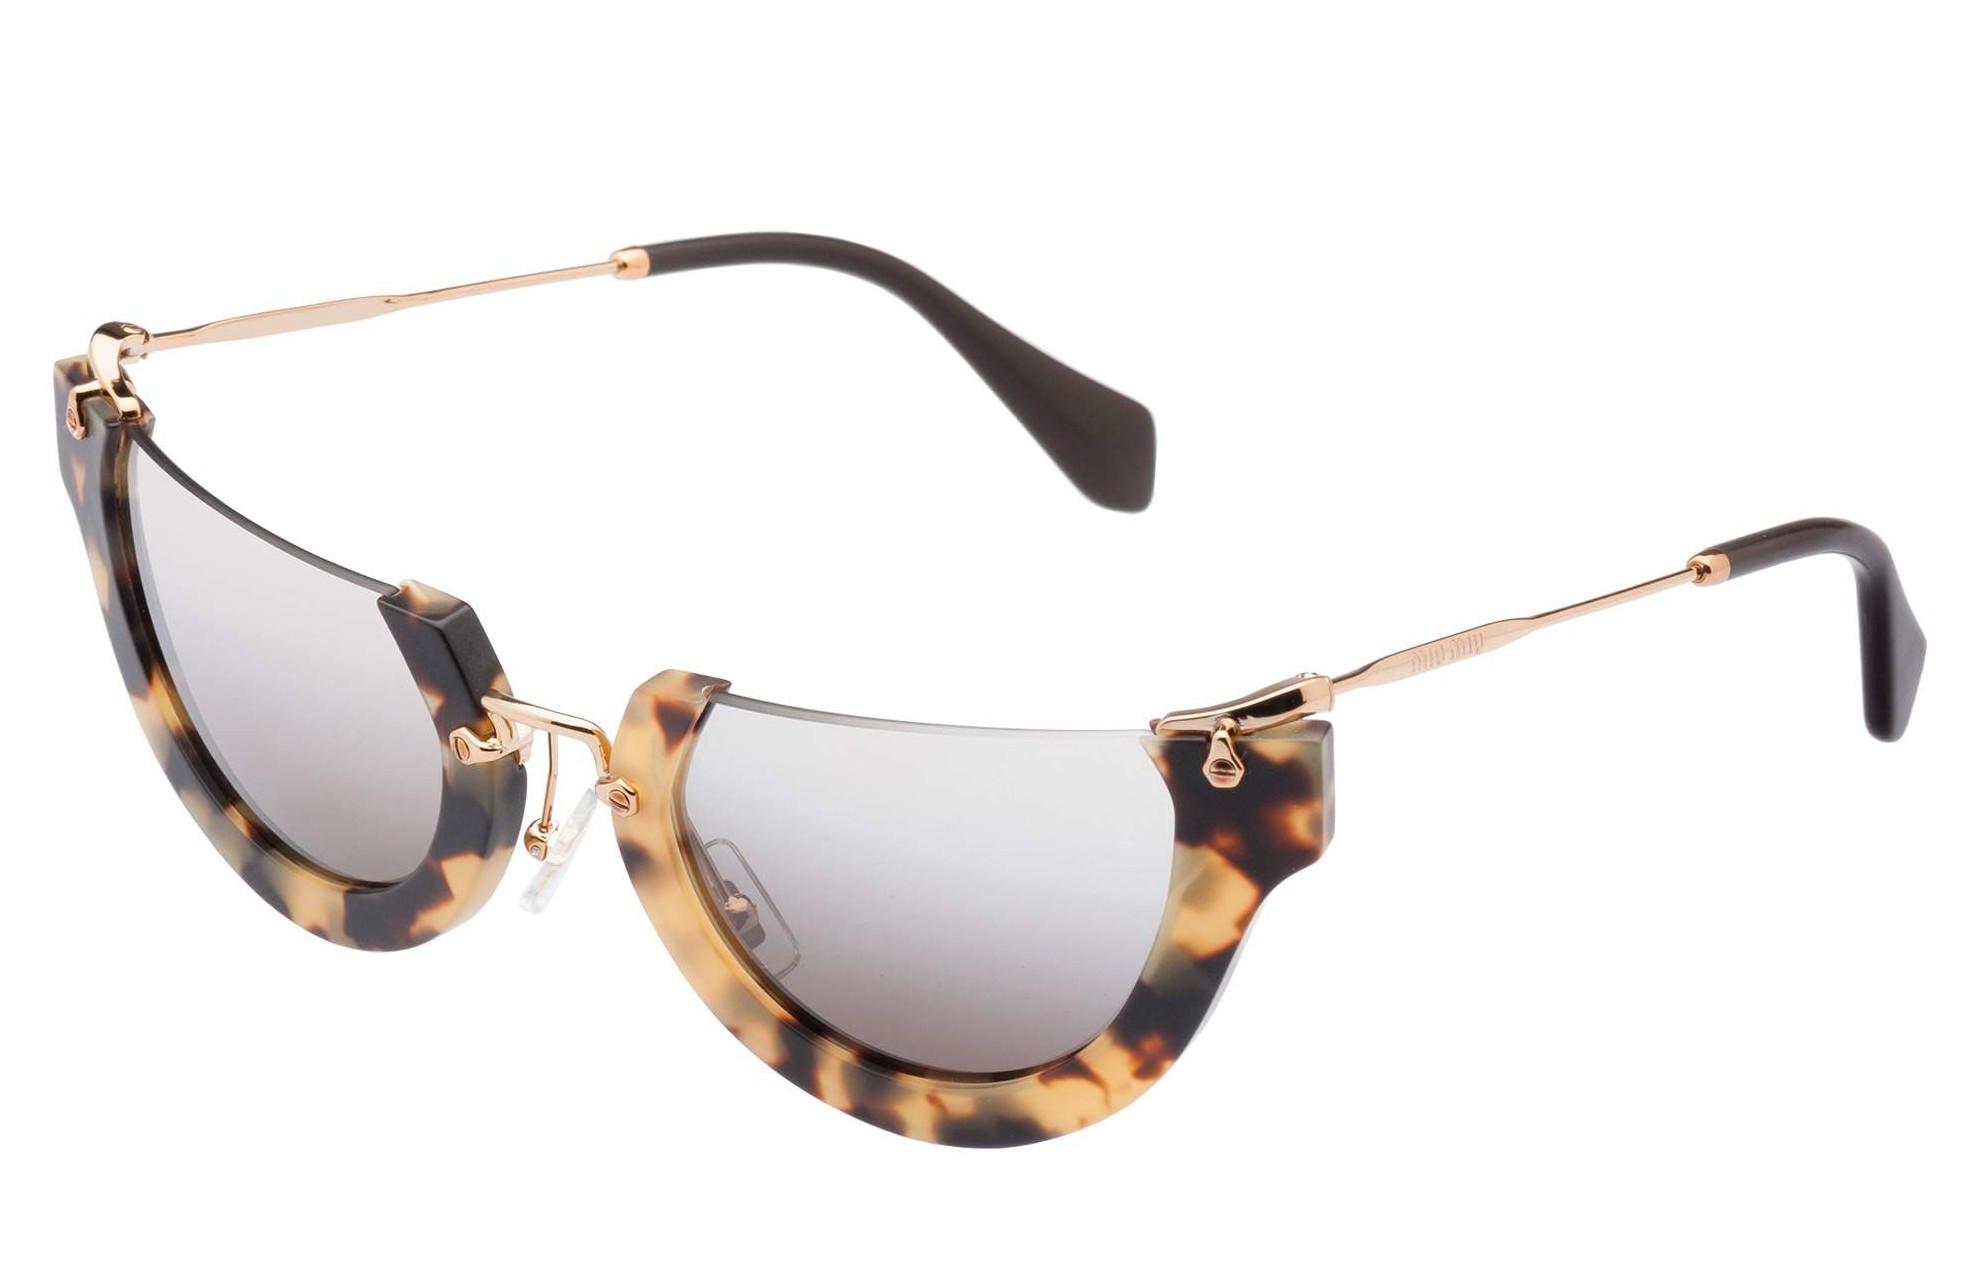 Gafas de sol Miu Miu irregular